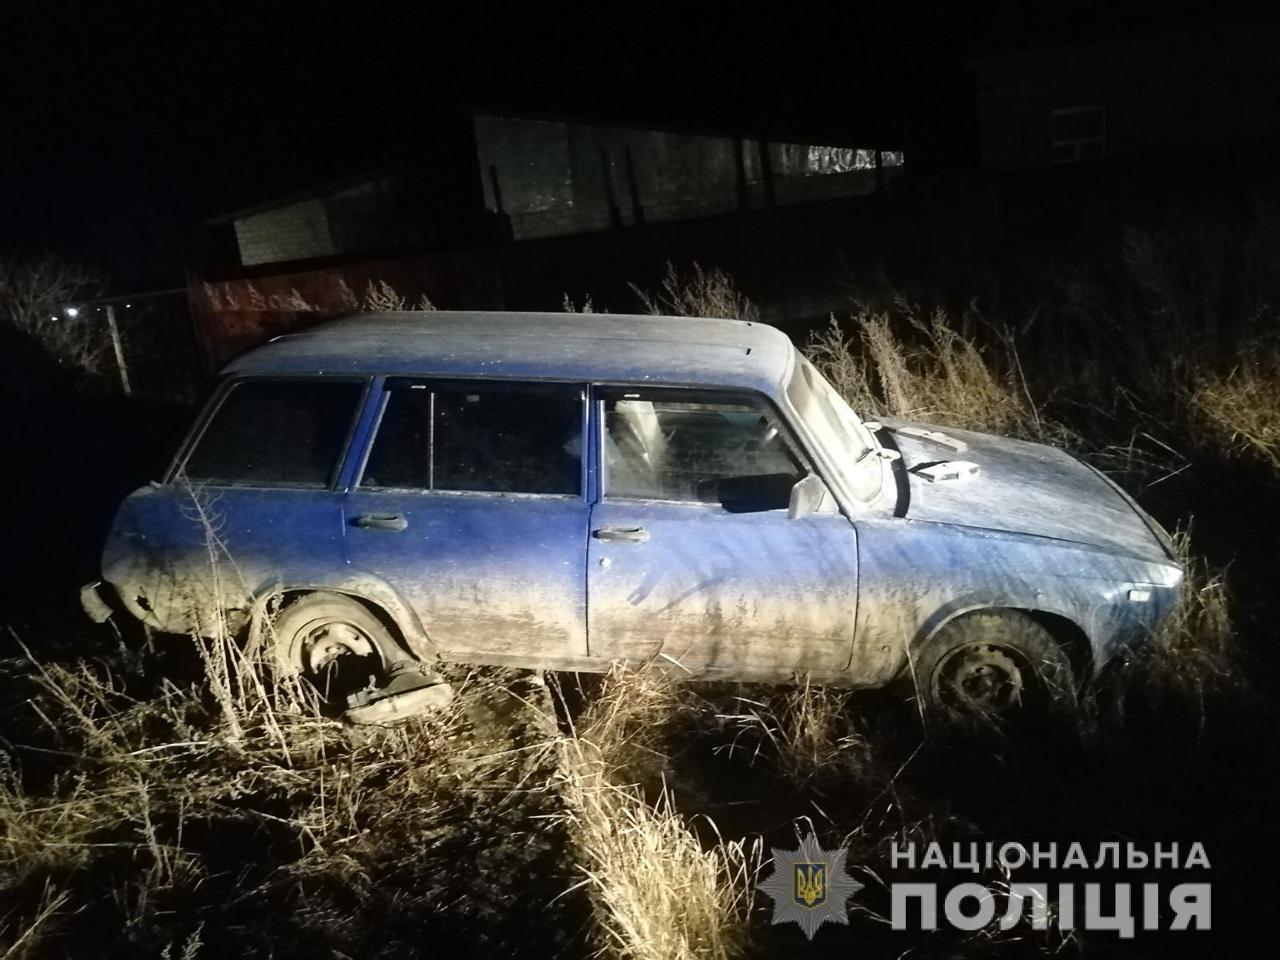 На Харьковщине полицейские задержали угонщика автомобиля, - ФОТО, фото-2